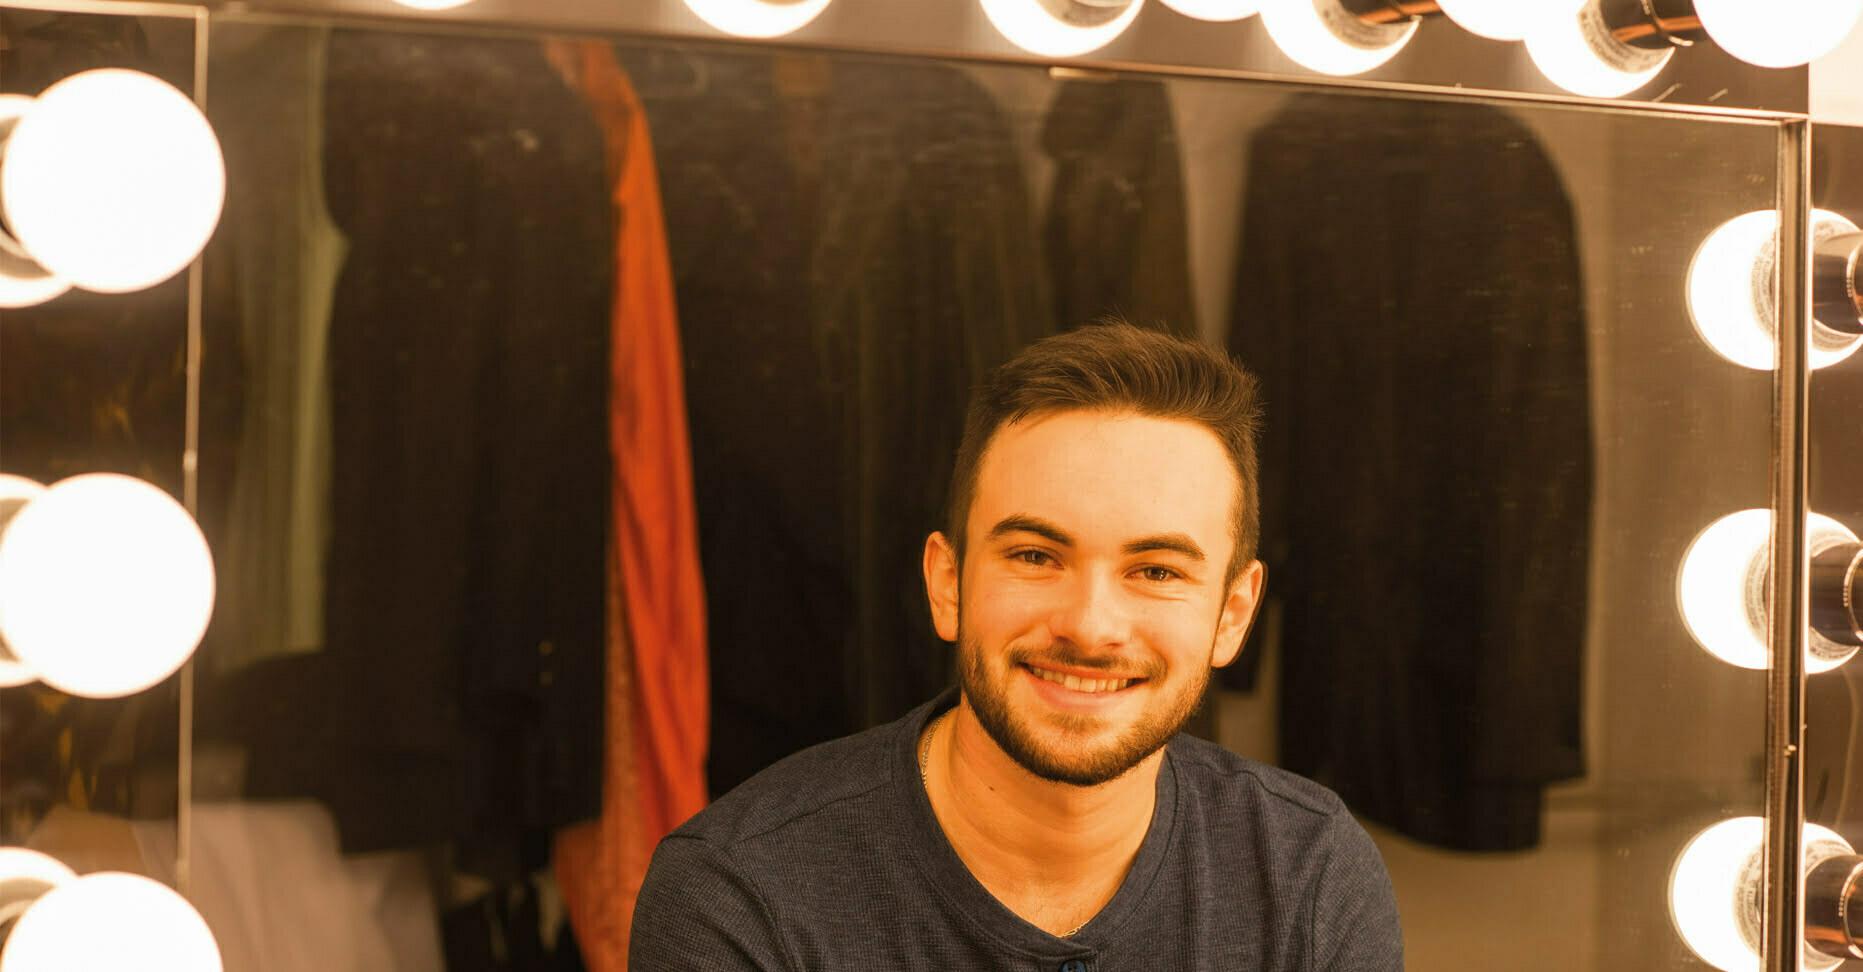 Étudiant assis devant un miroir dans une loge